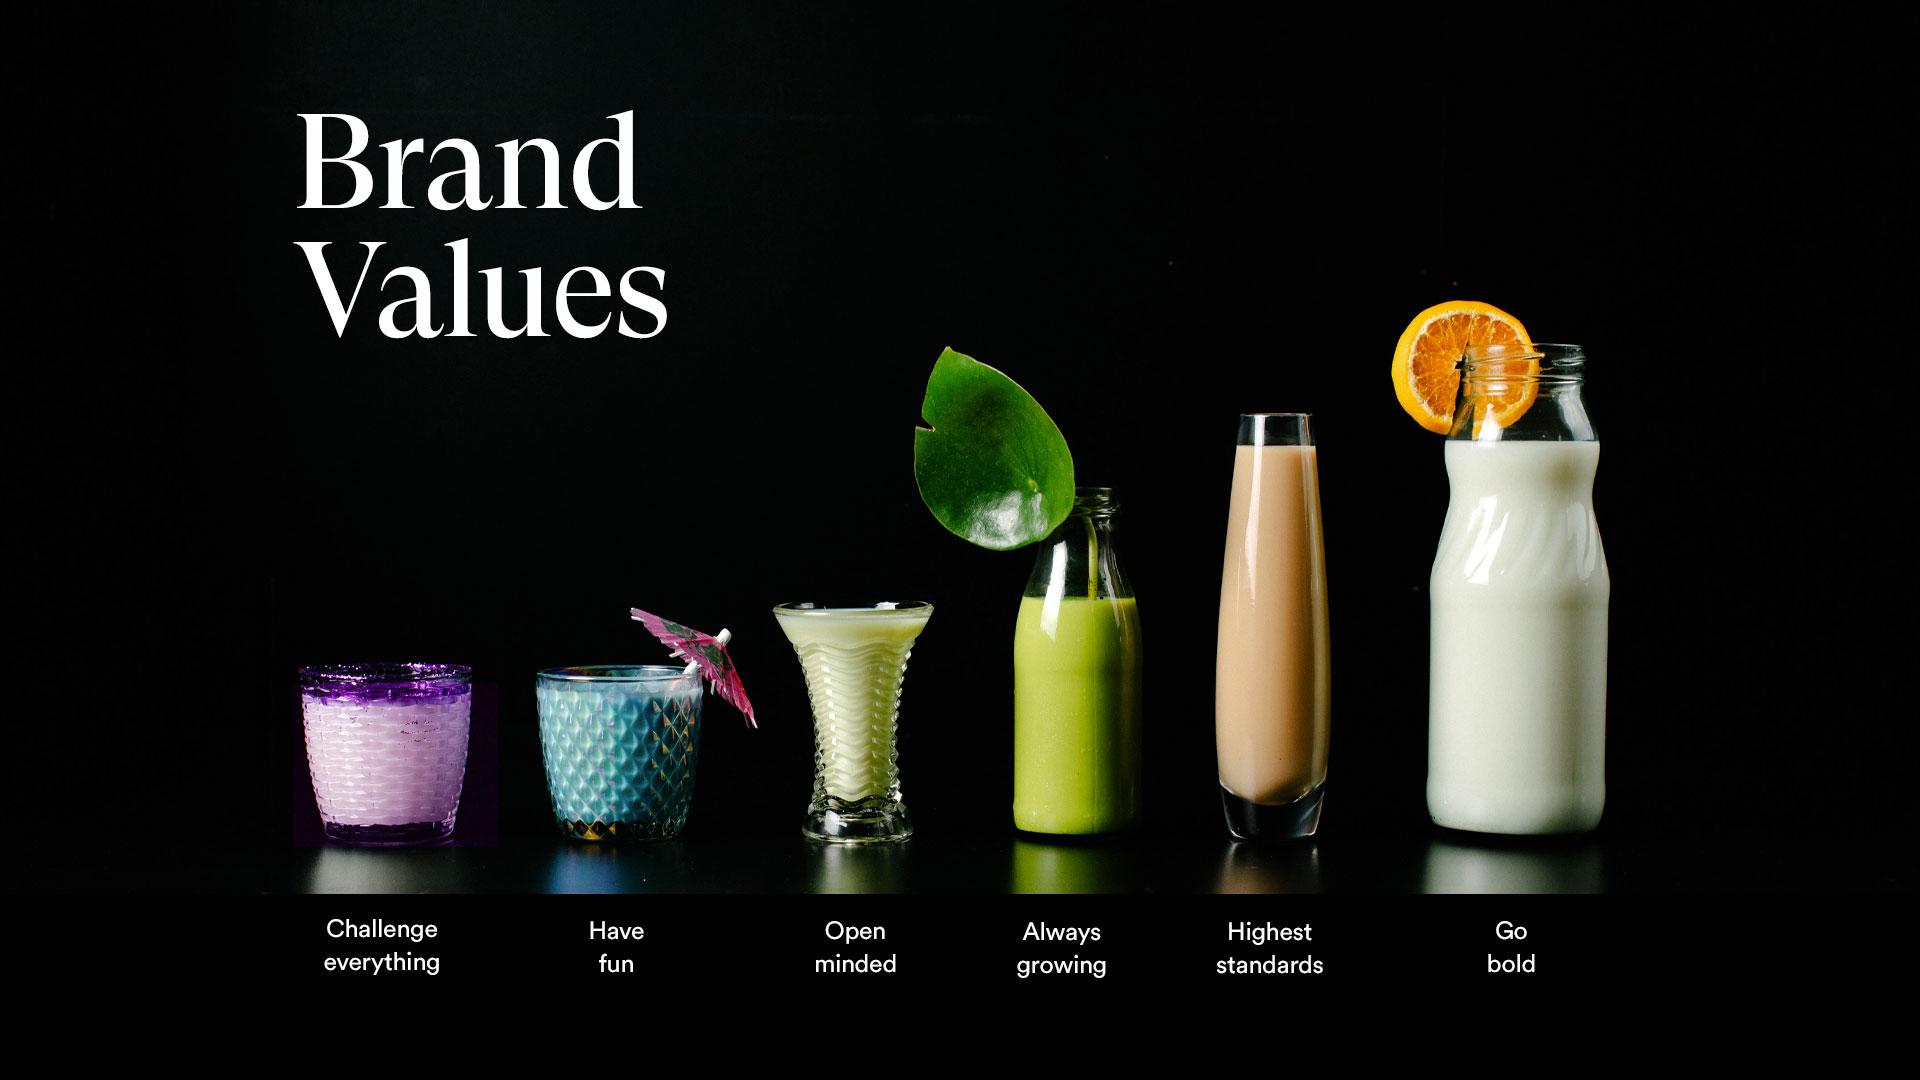 Milkman Brand Values Infographic